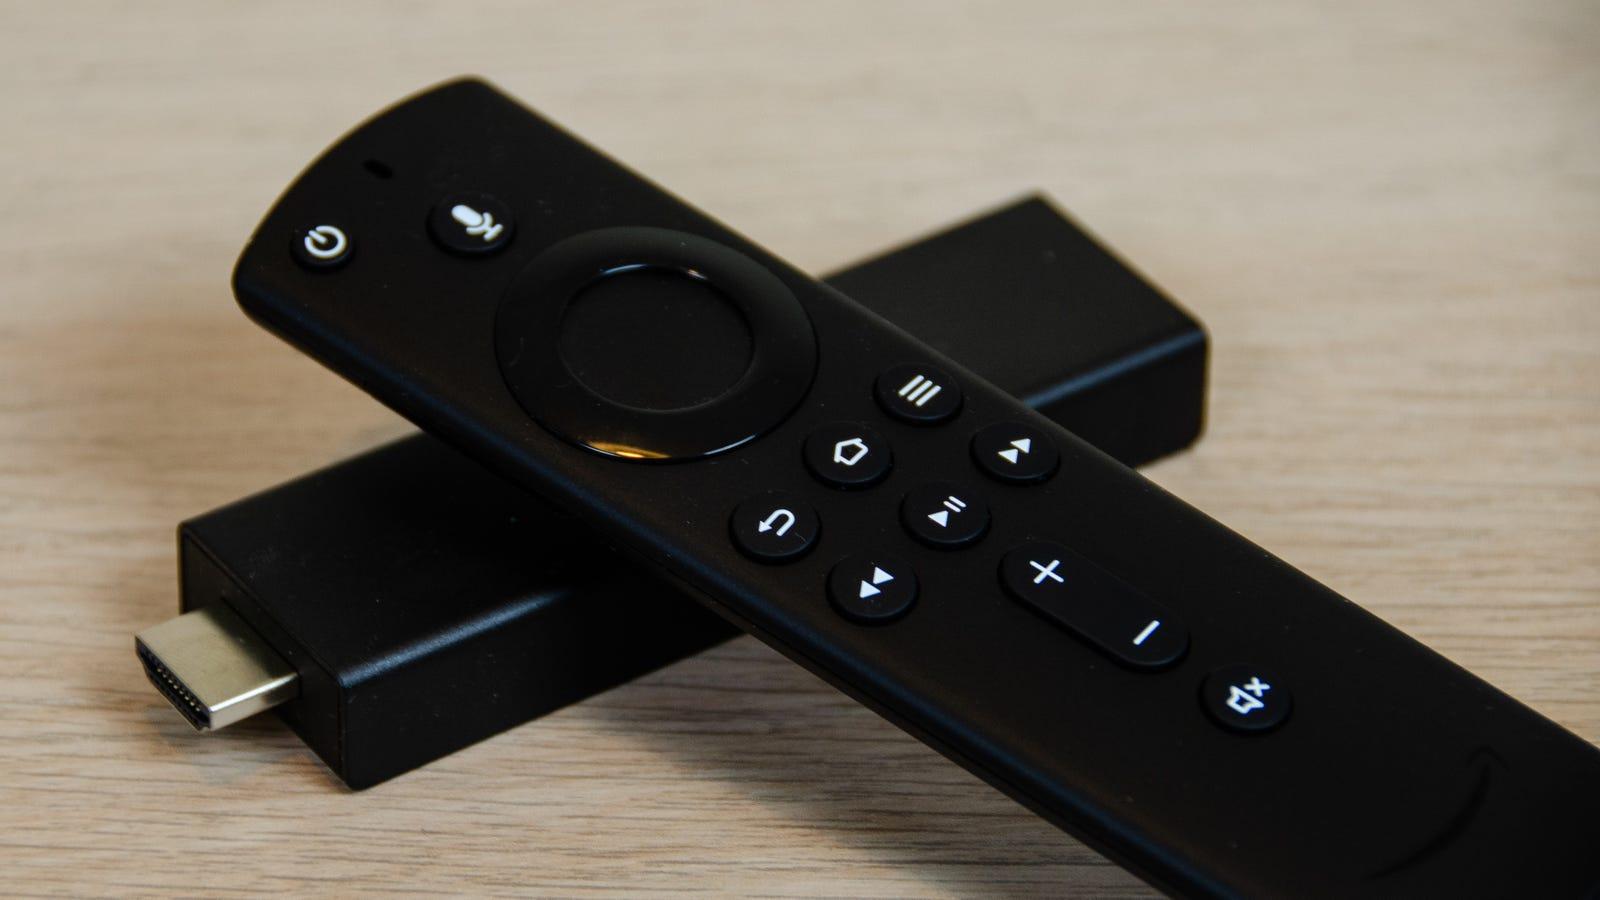 Tanto el mando como el Fire Stick son muy pequeños. Imagen: Julio Cerezo